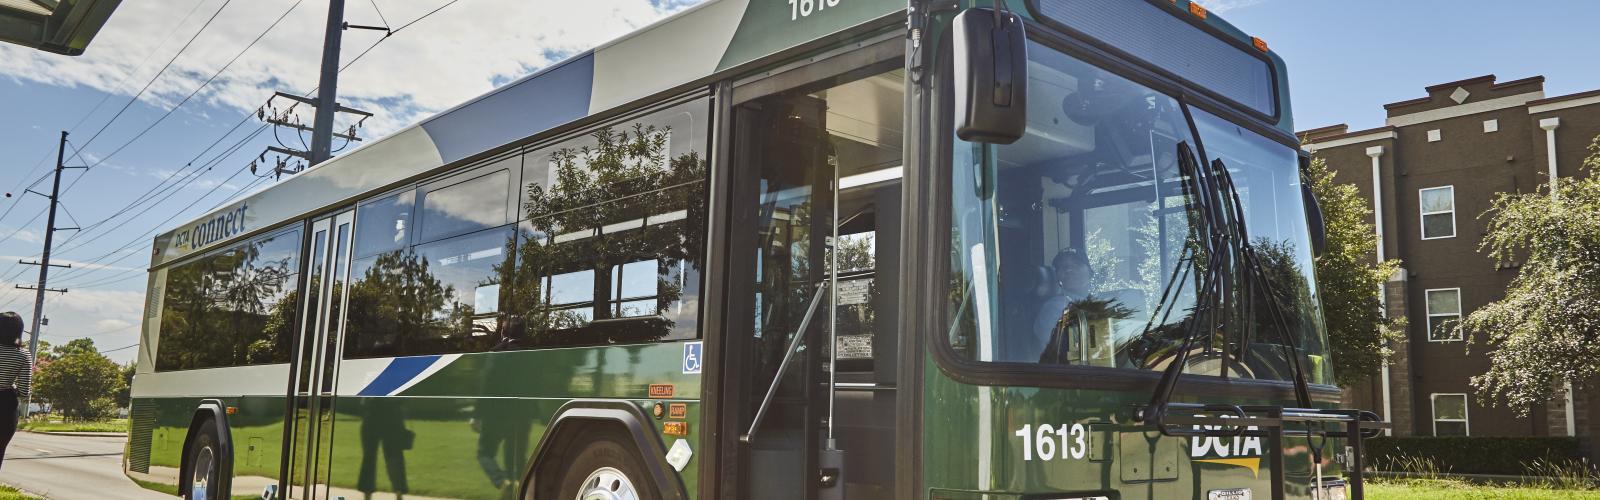 Bus Service | DCTA